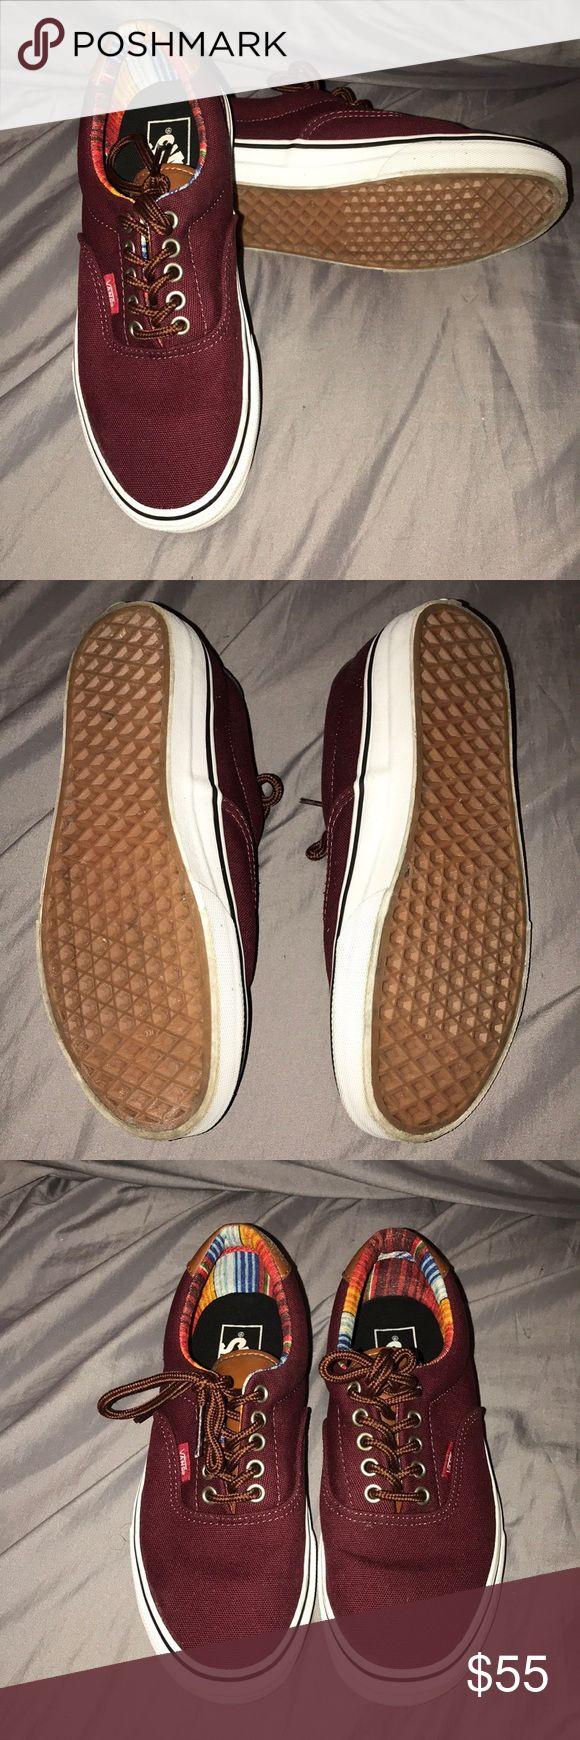 NWOT Unisex Maroon Canvas Vans Brand new!! Unisex Maroon Vans Price is Negotiable‼️ Vans Shoes Sneakers